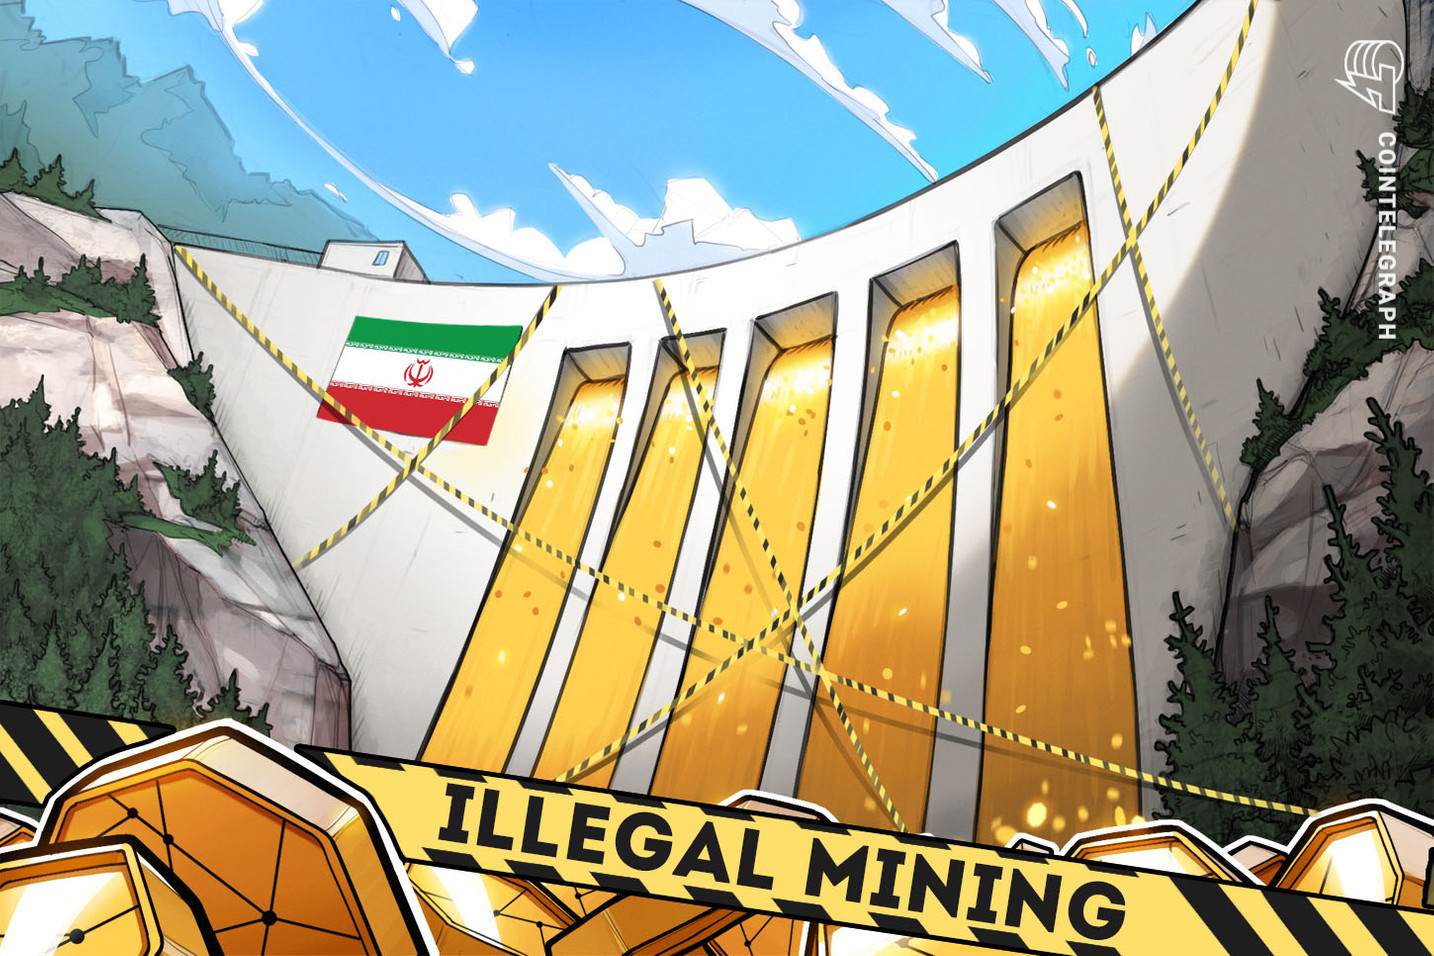 Irã oferece recompensa por denúncia de operações ilícitas de mineração de criptomoedas